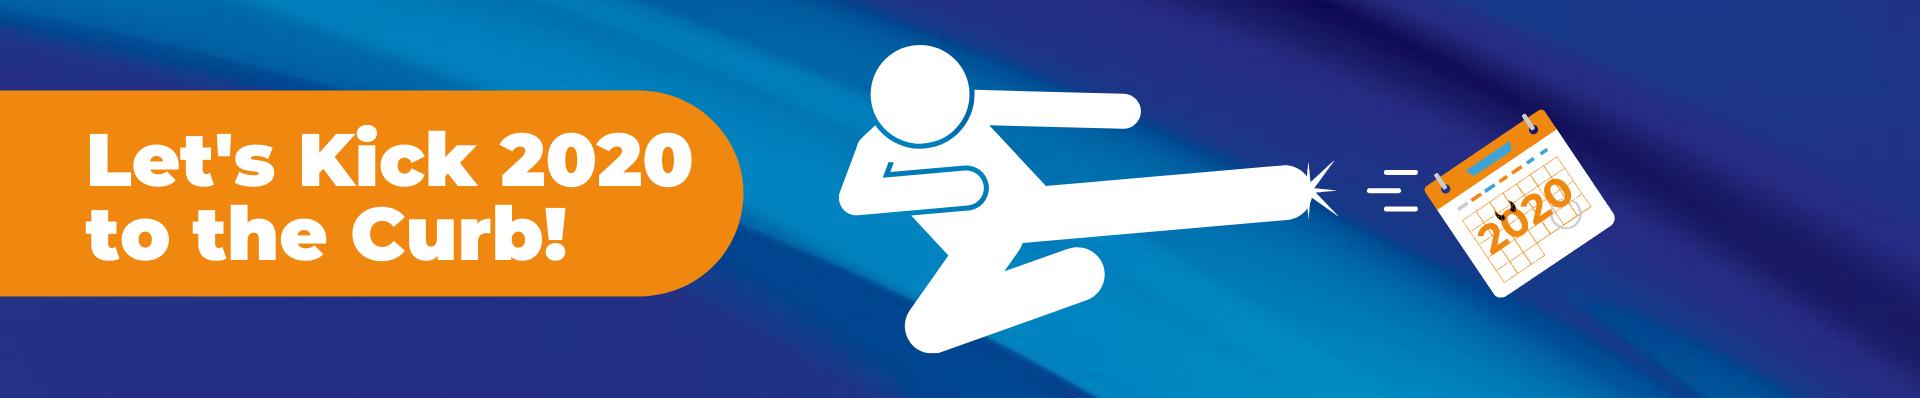 Copy of Webinar Header Graphic - Kick 2020